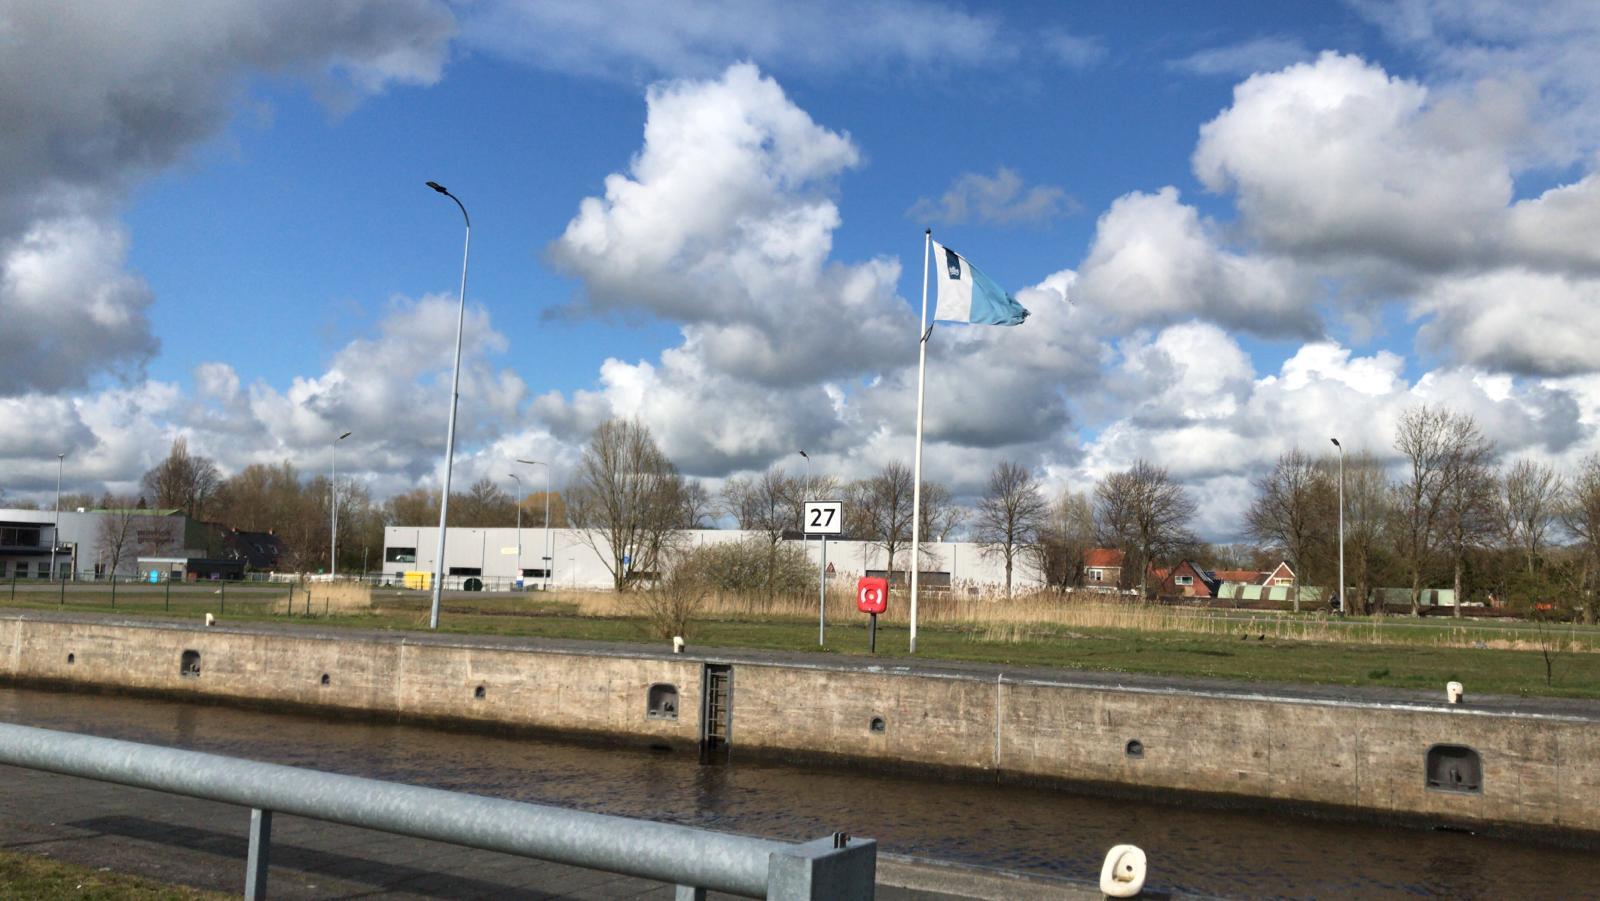 Kilometerbord 27 bij de Oostersluis in Groningen. (Foto Rijkswaterstaat)